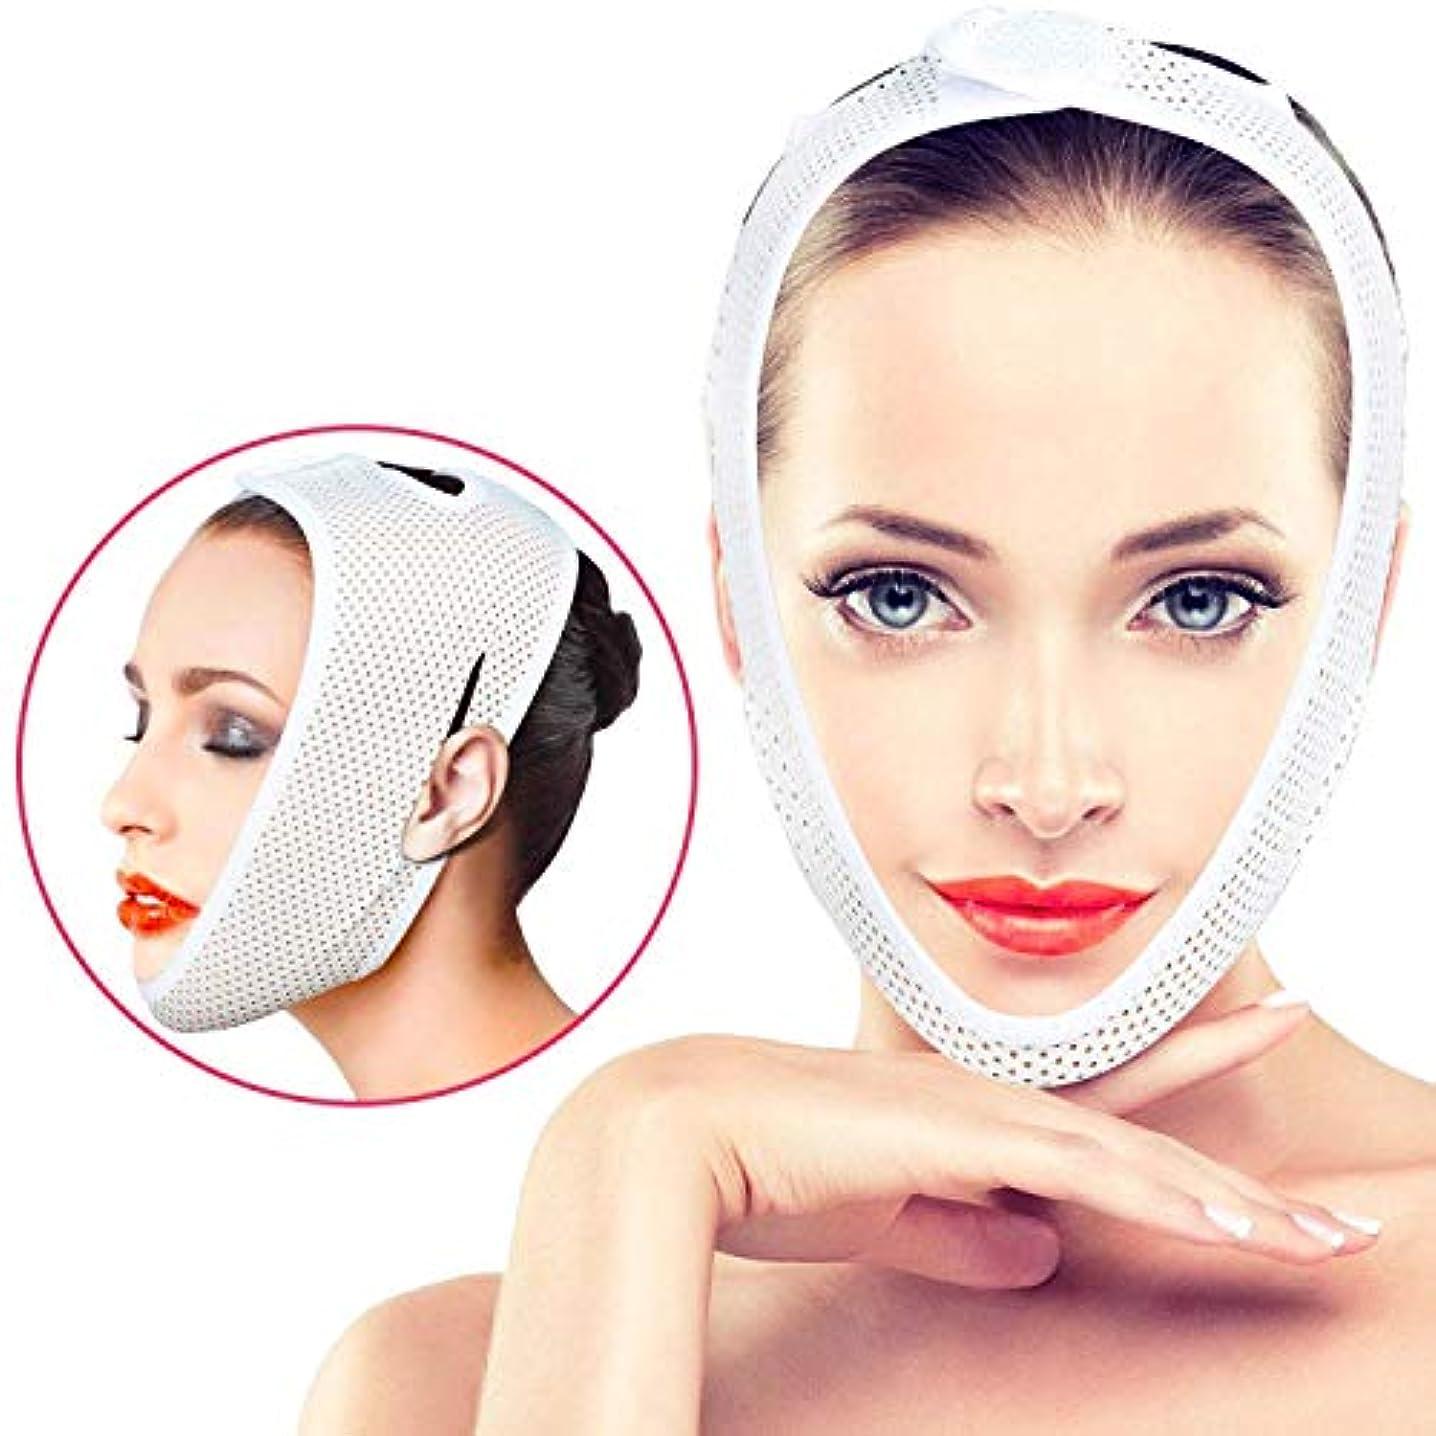 ビルマステップ残るWSJTT パッチ通気チンケアを締め付け女性のための顔のリフティングベルト、Vラインチンチークリフトアップバンドアンチリンクル包帯、スリミング包帯二重あごケア減量Vフェイスベルト補正ベルト